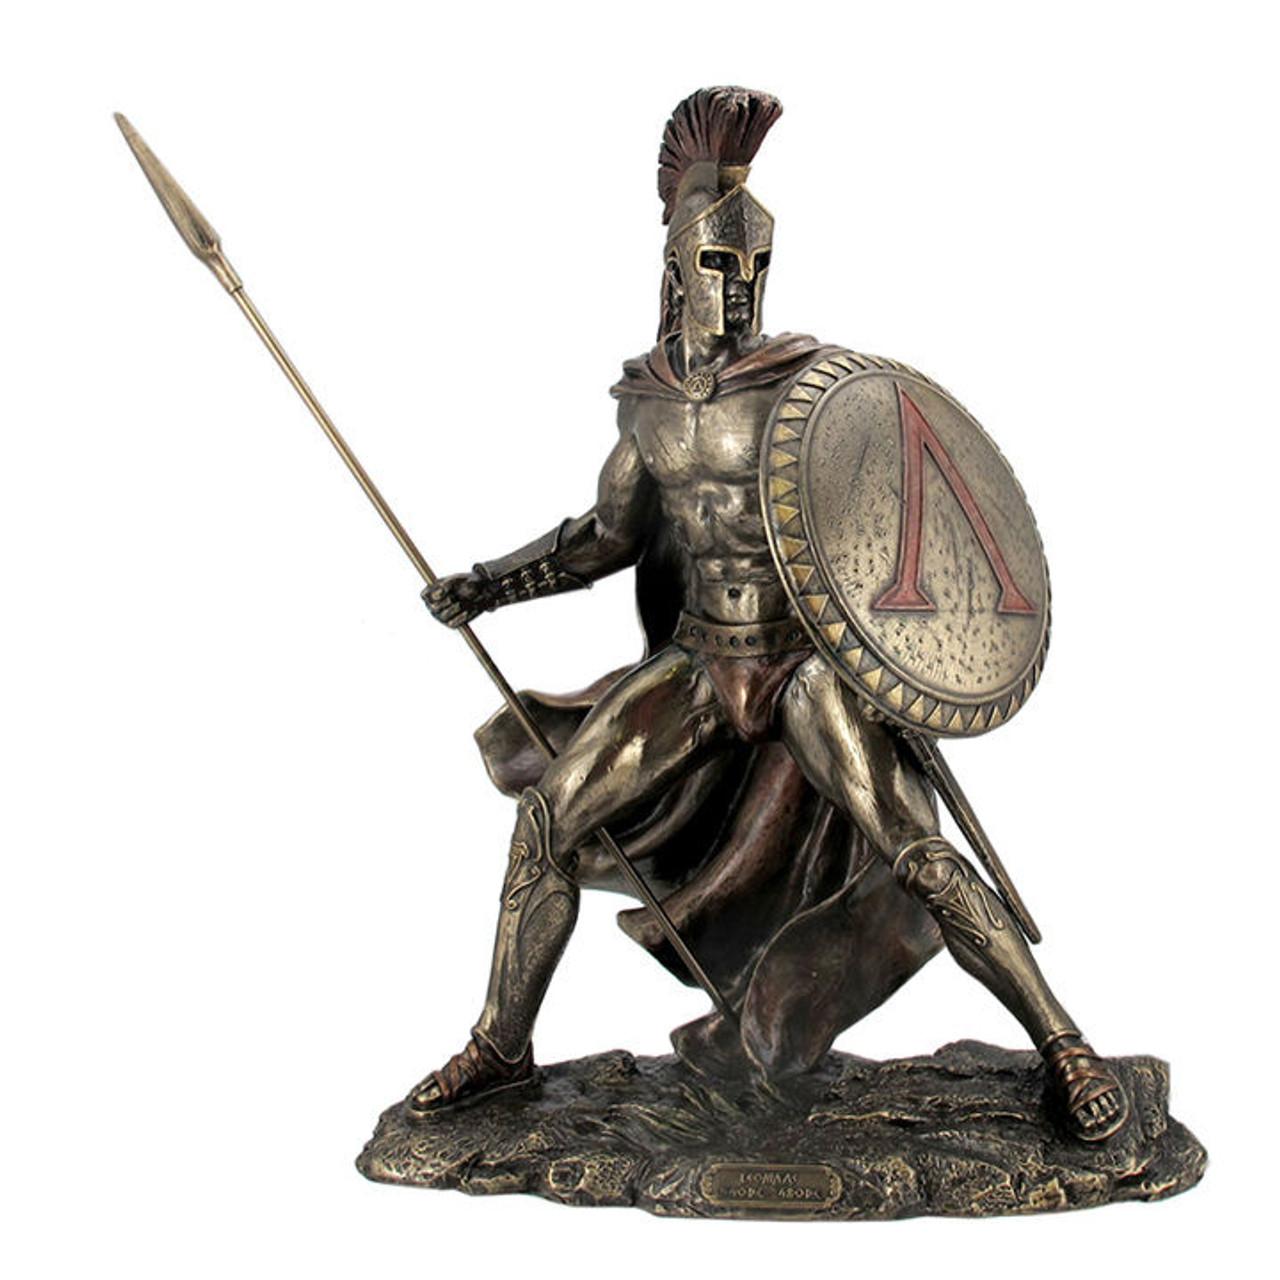 King Leonidas Spartan Warrior Statue With Spear Bronzed